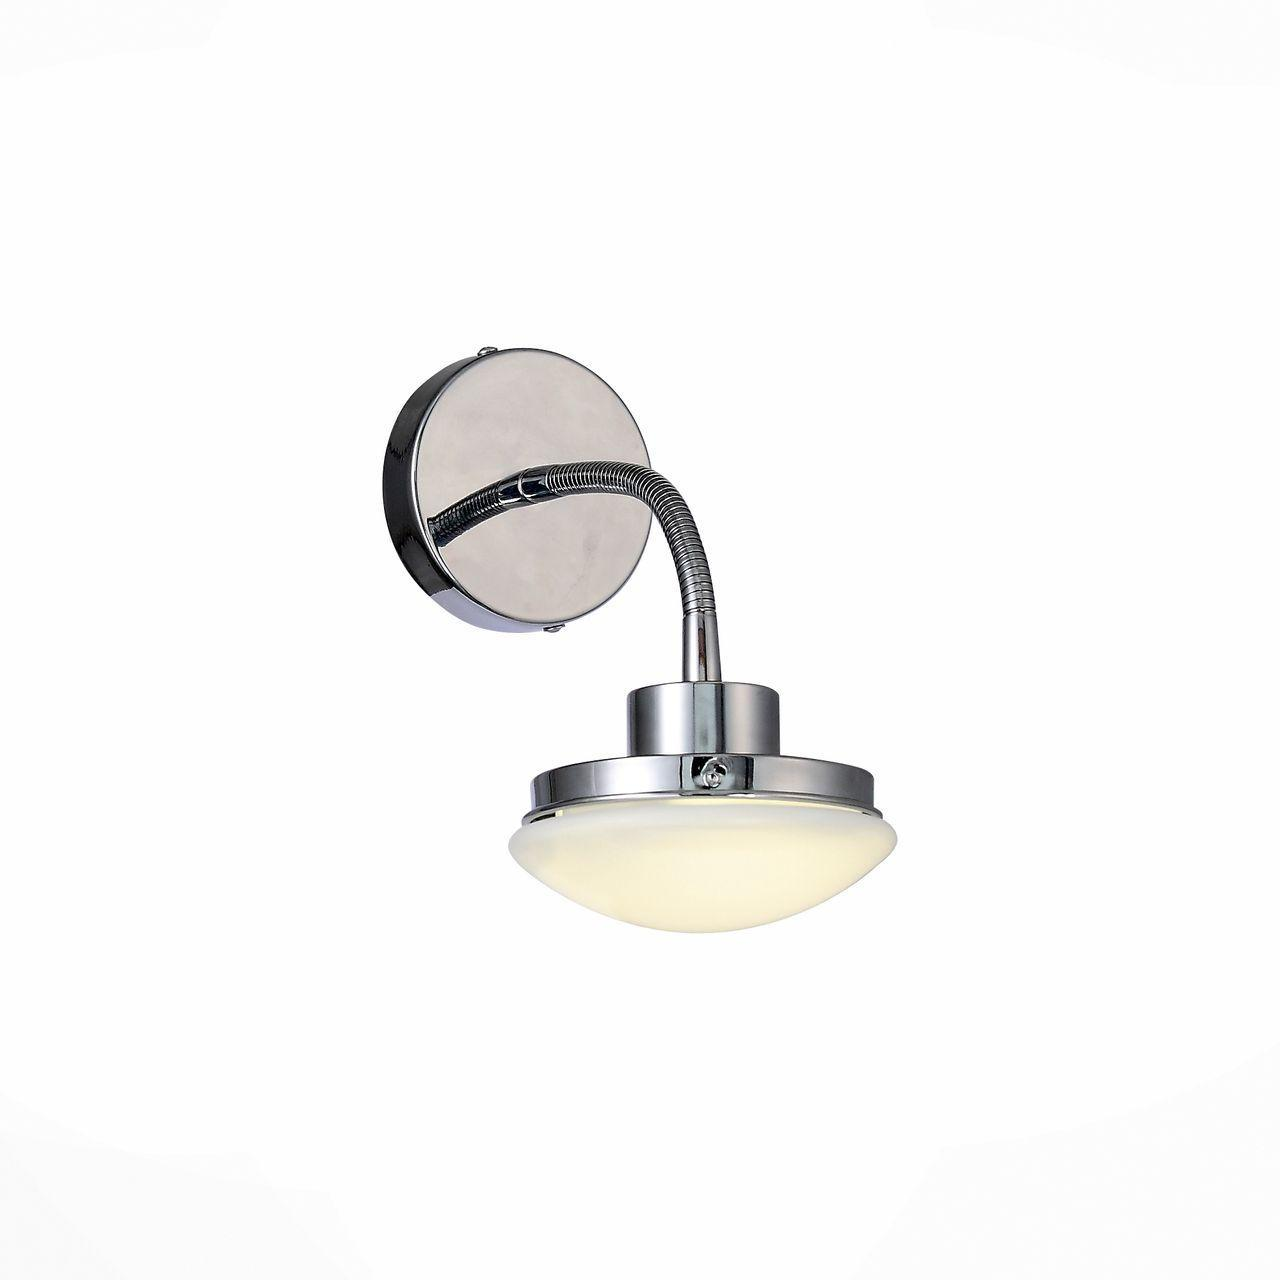 Светодиодный спот ST Luce Pratico SLE120.101.01 st luce бра st luce pratico sle120 201 01